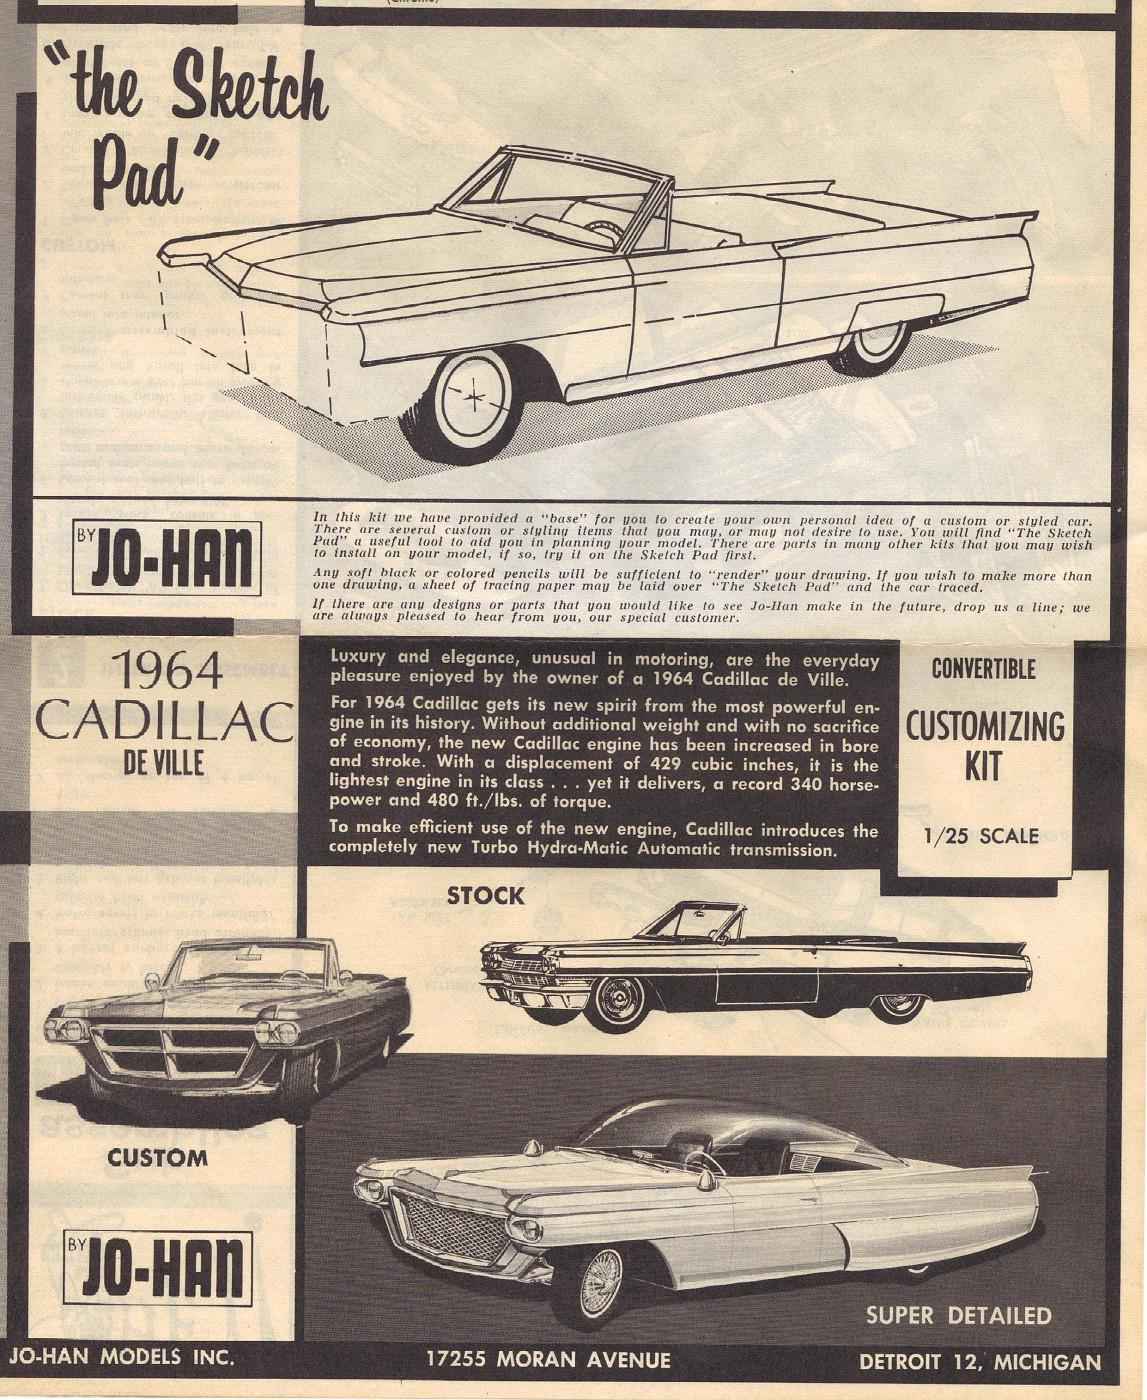 JOHAN 1964 Cadillac De Ville